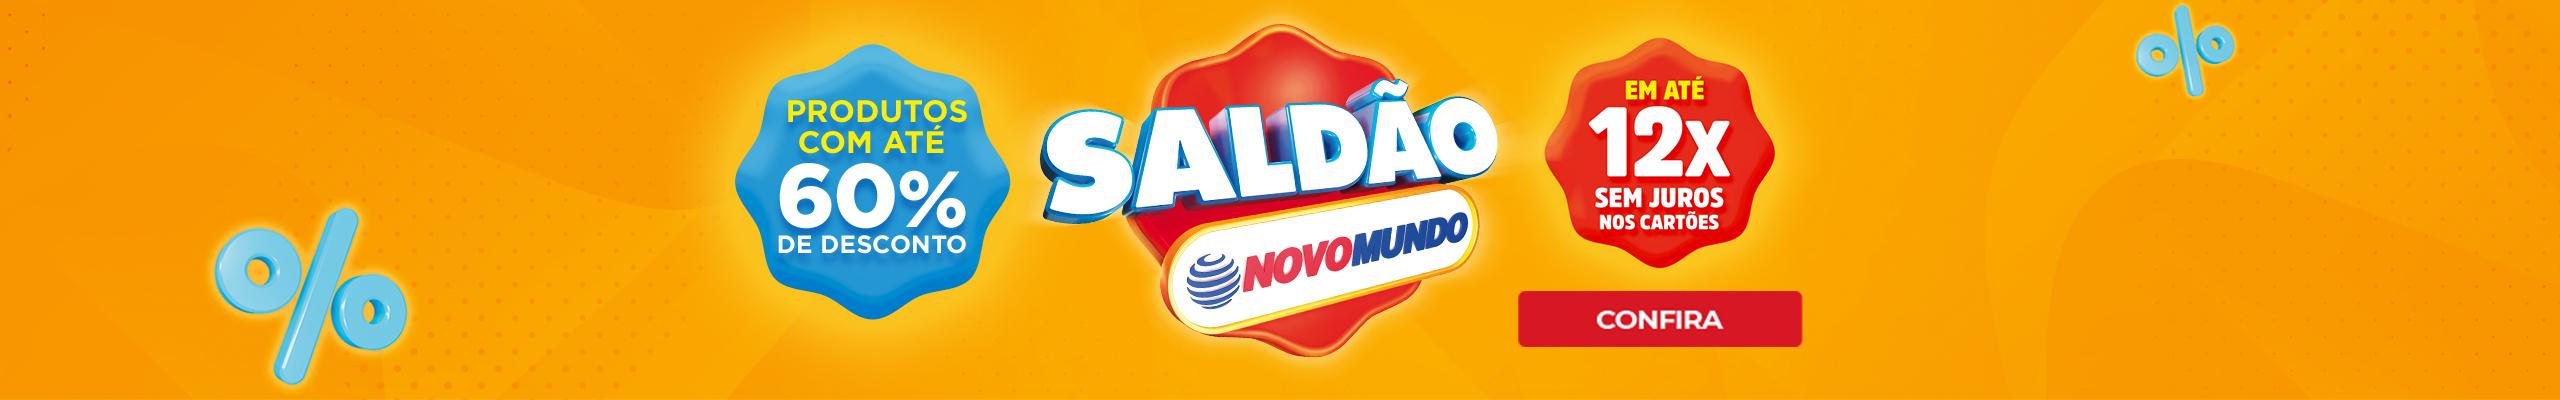 Saldão - CAPA - 02 a 12/01